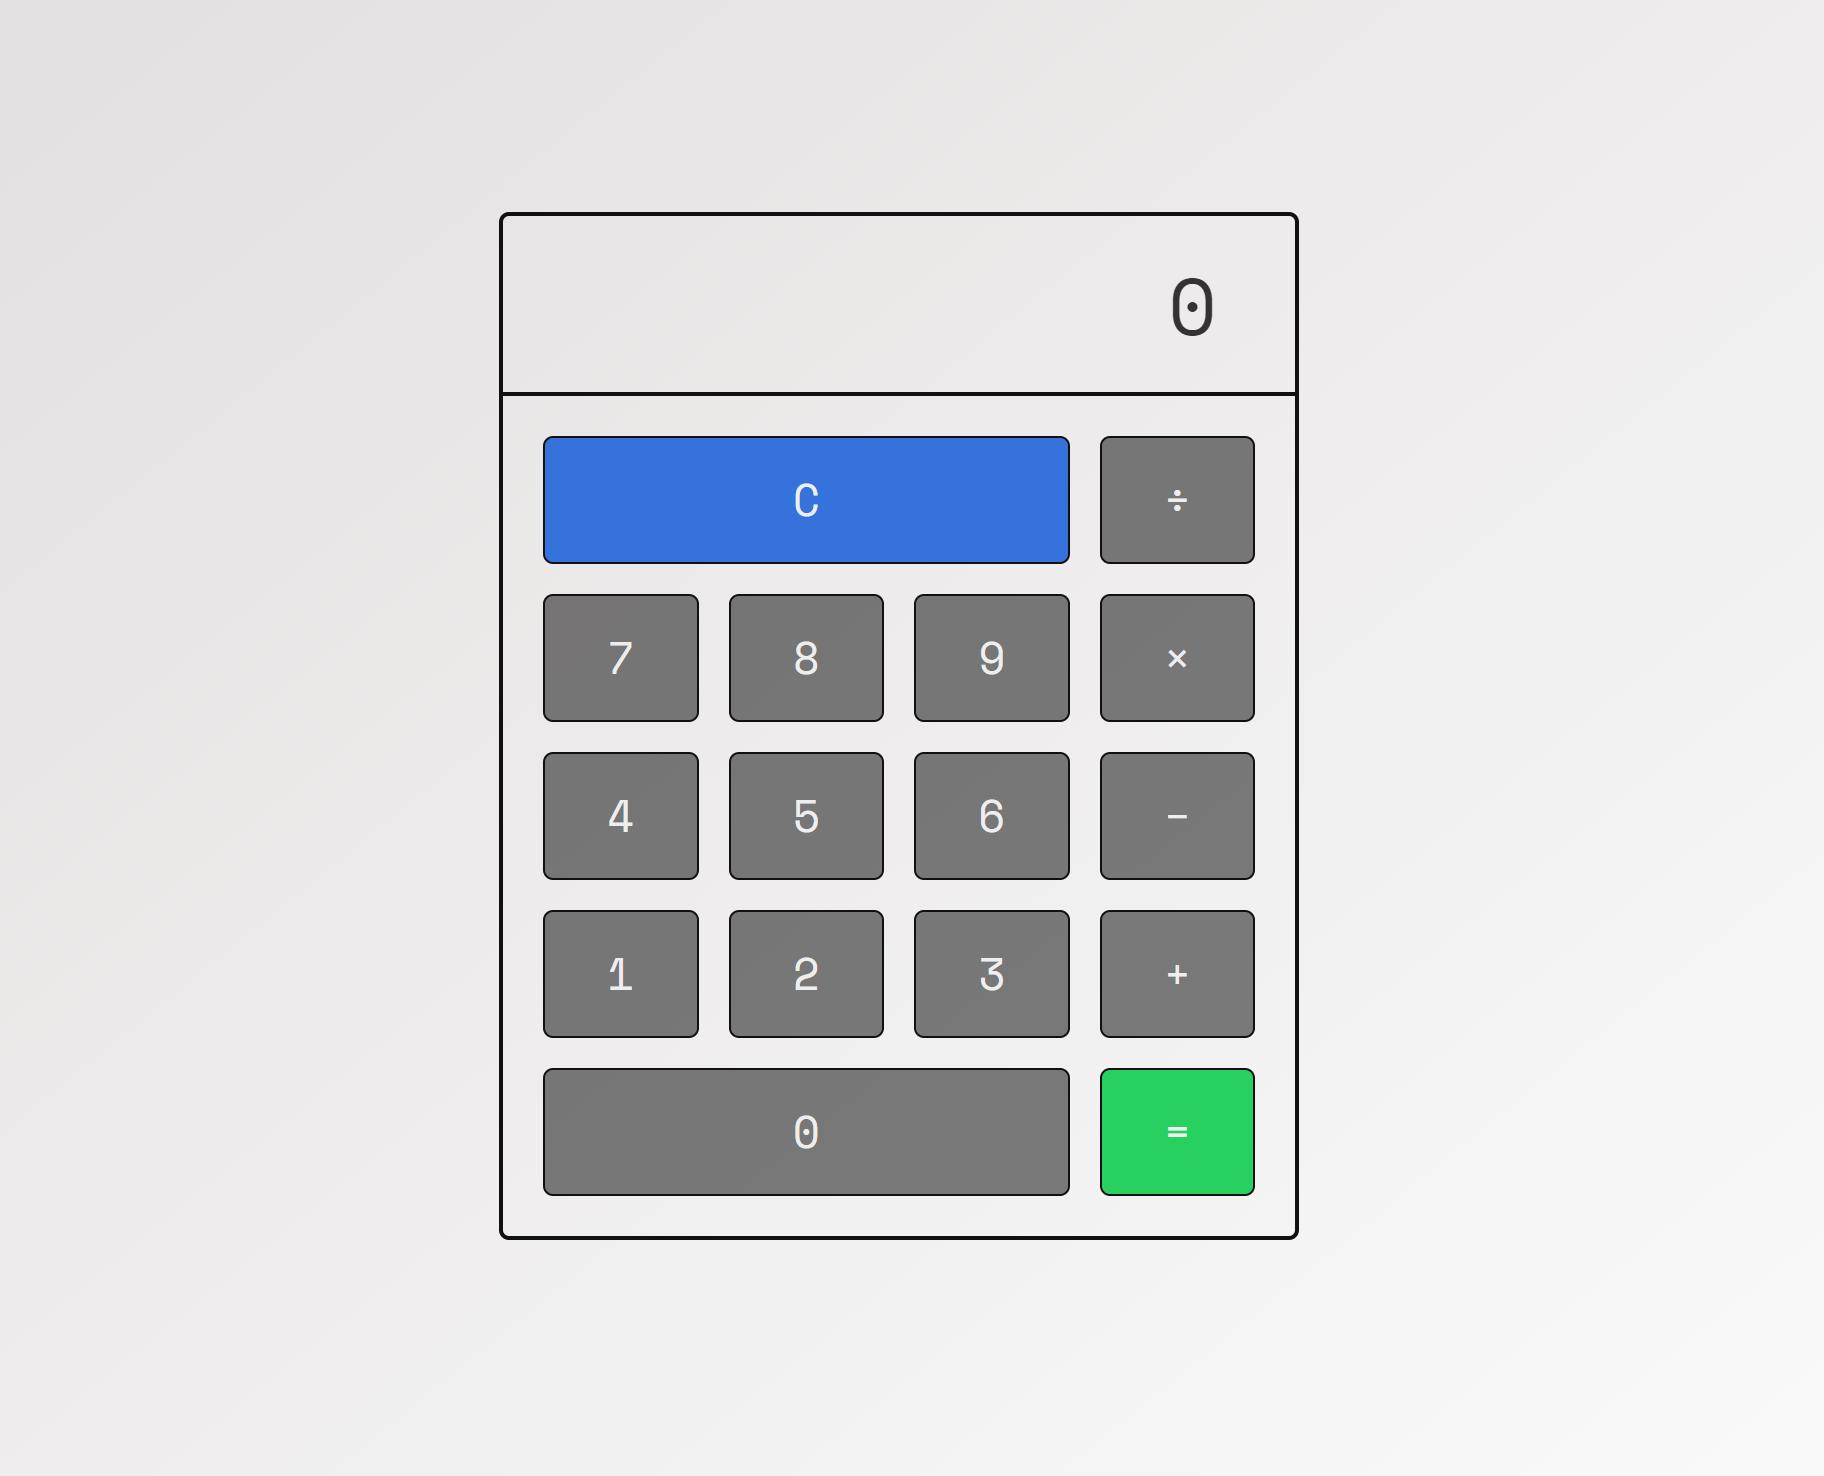 آموزش طراحی ماشین حساب با CSS Grid